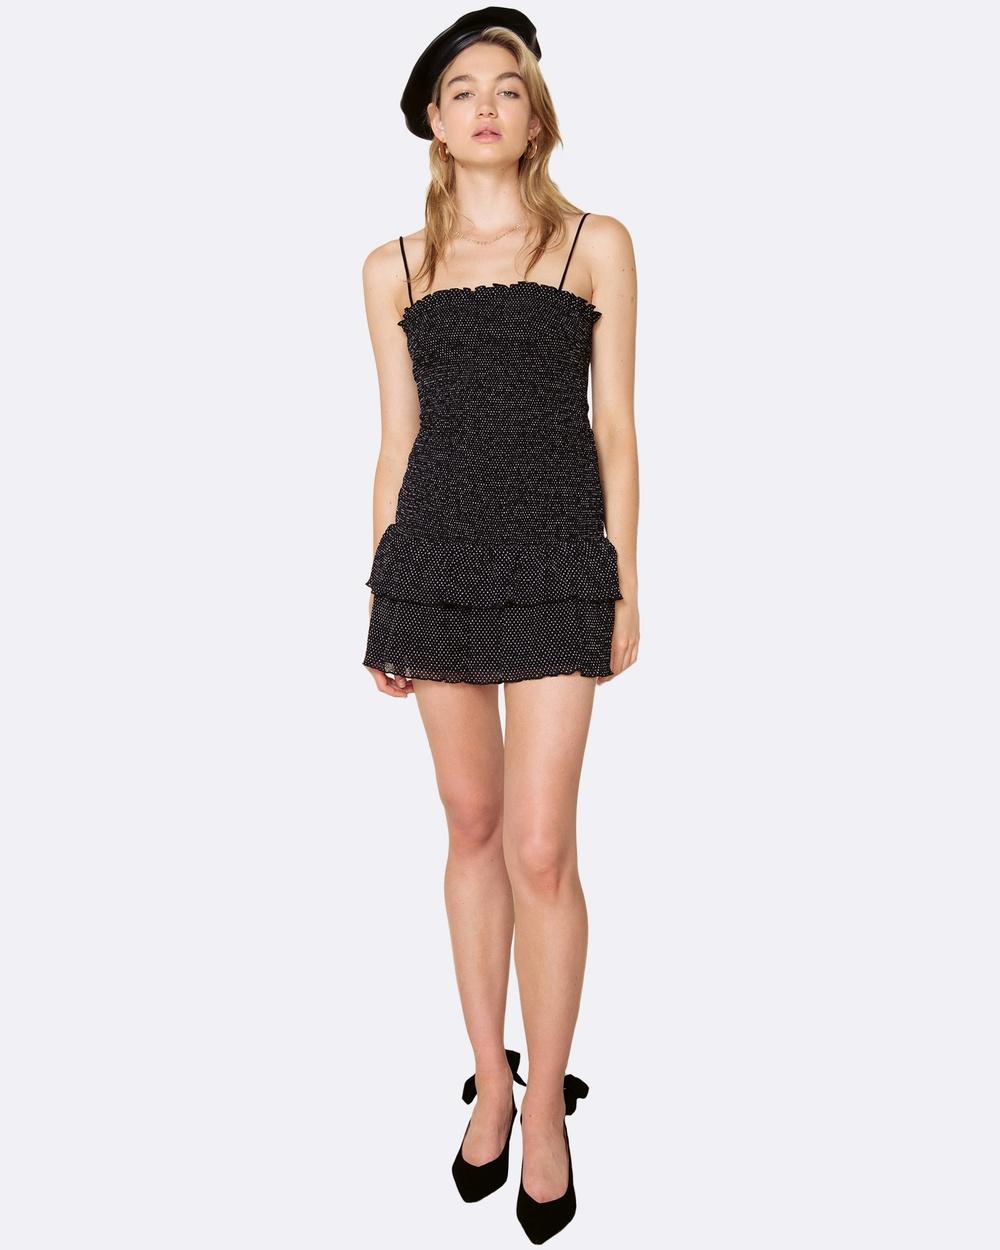 The East Order Tia Mini Dress Dresses Black Tia Mini Dress